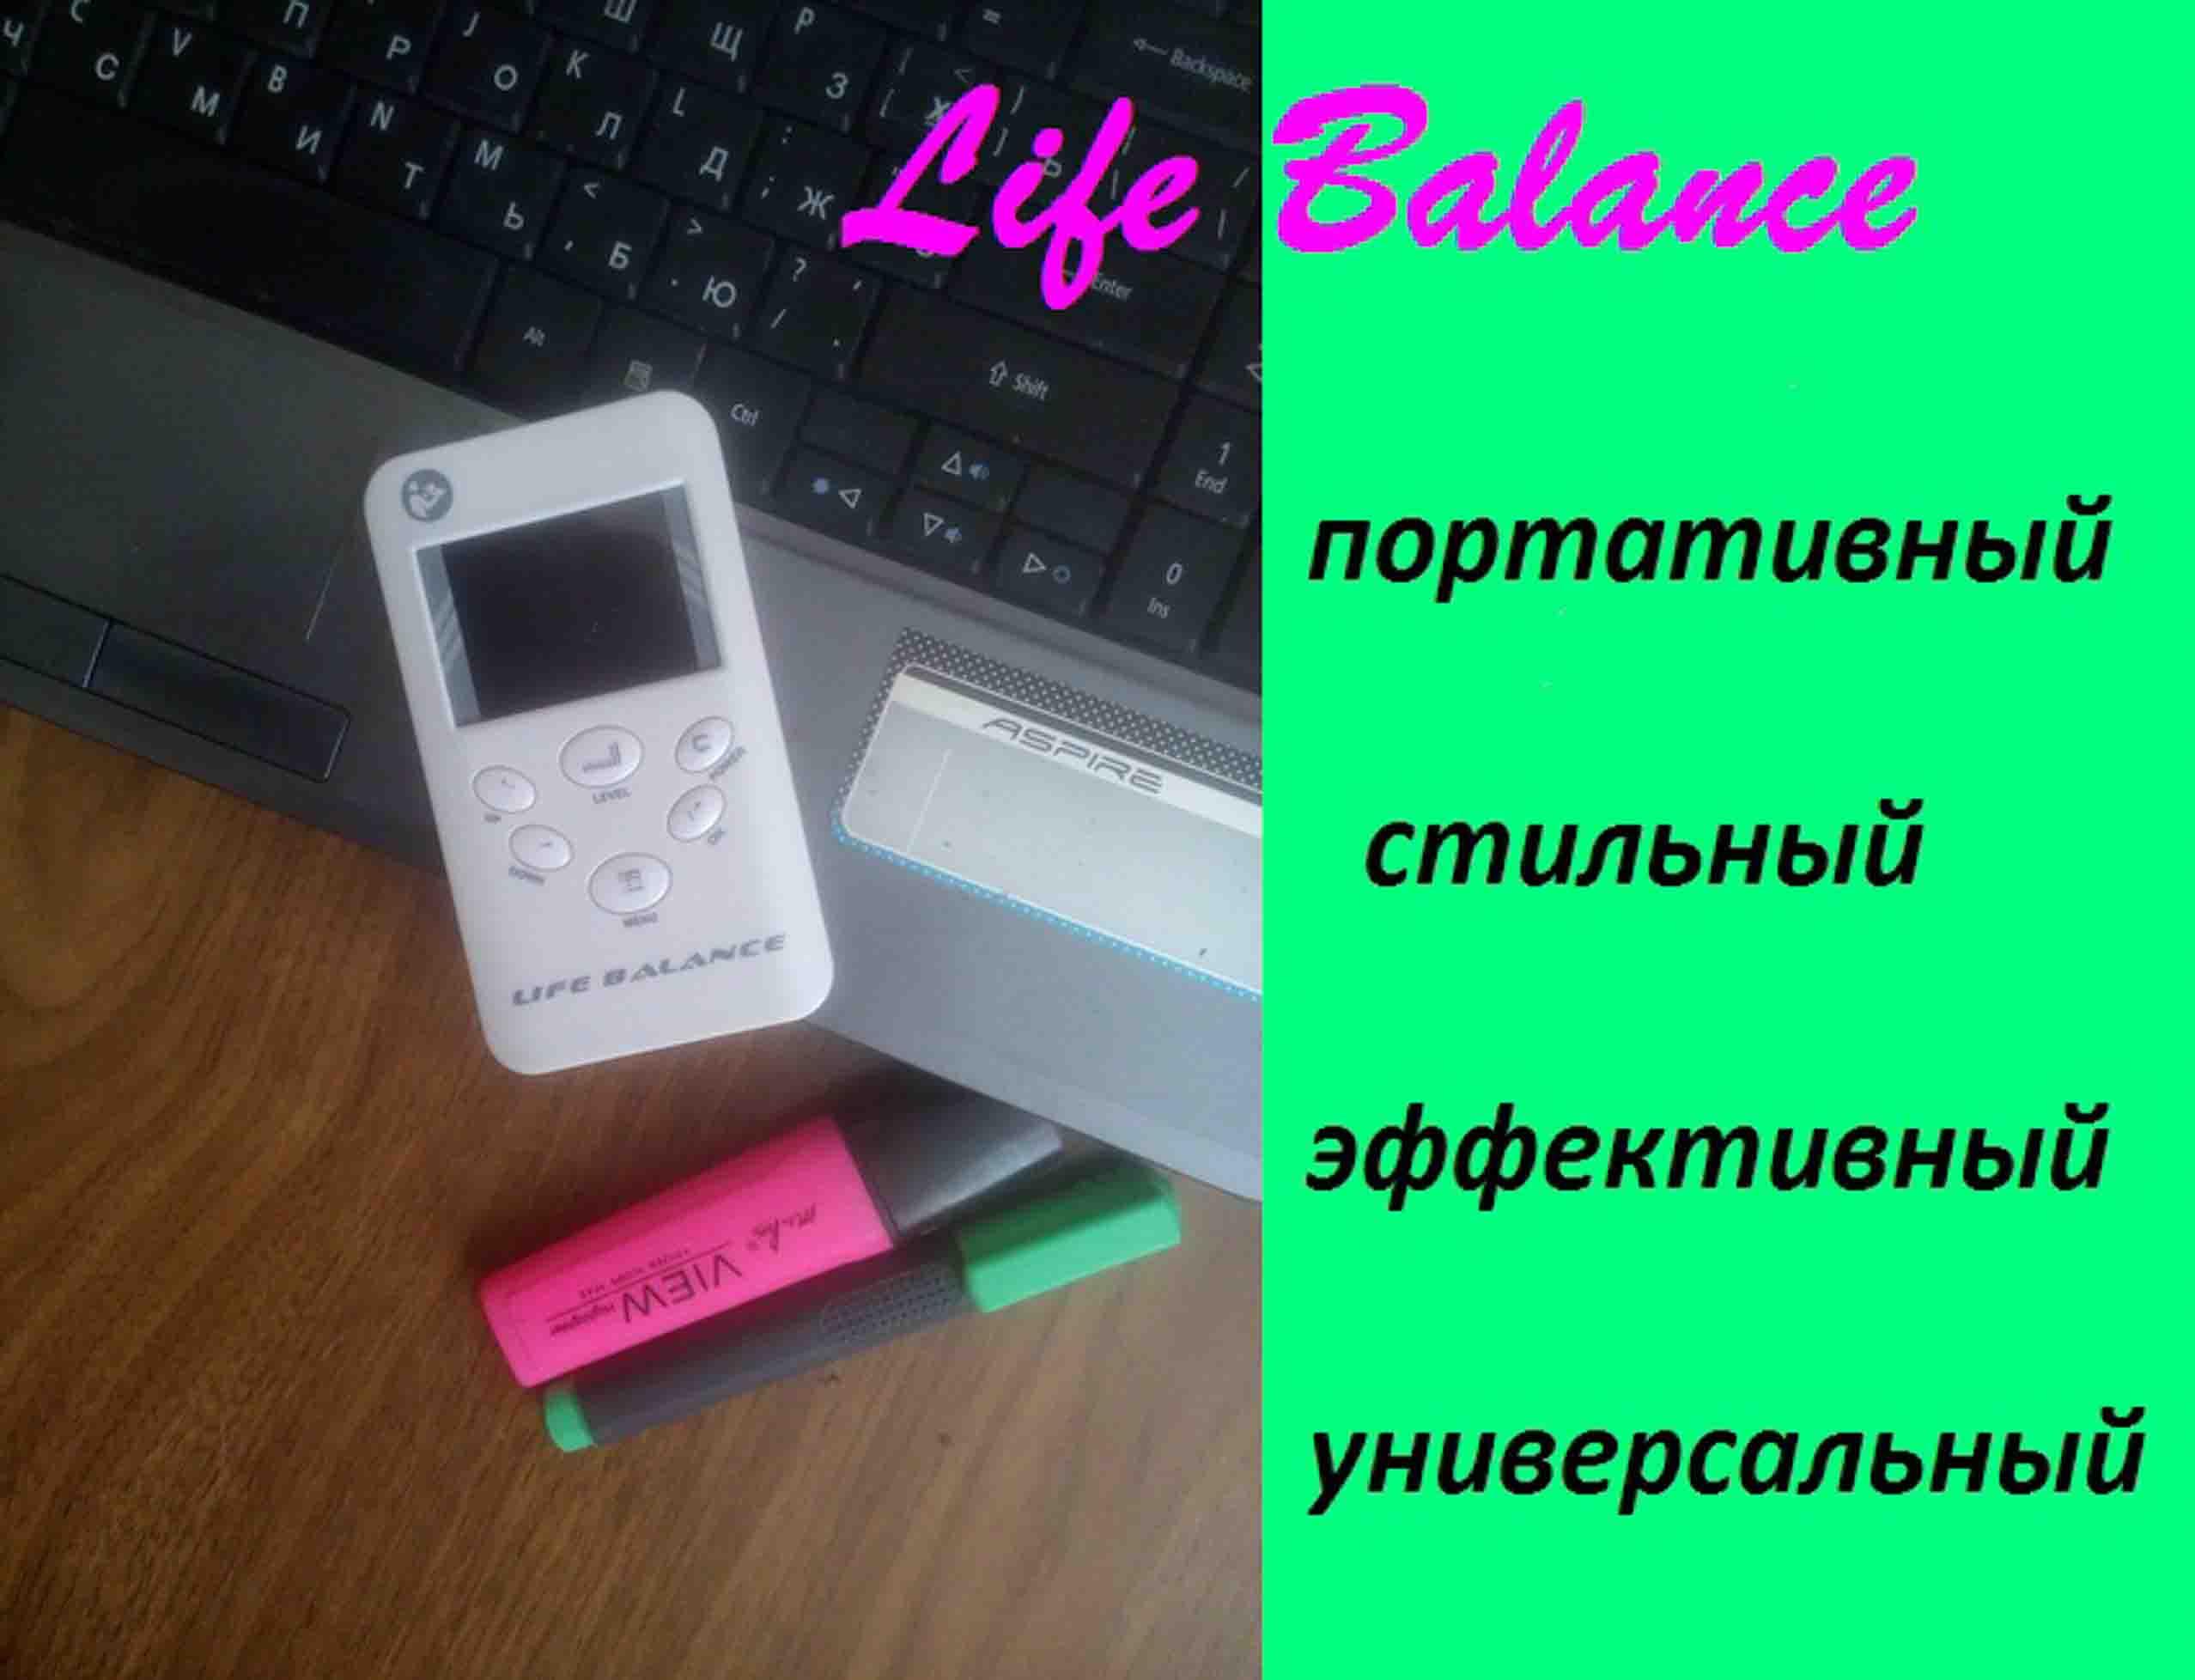 Биорезонансный прибор Life Balance для здоровья. фото 4